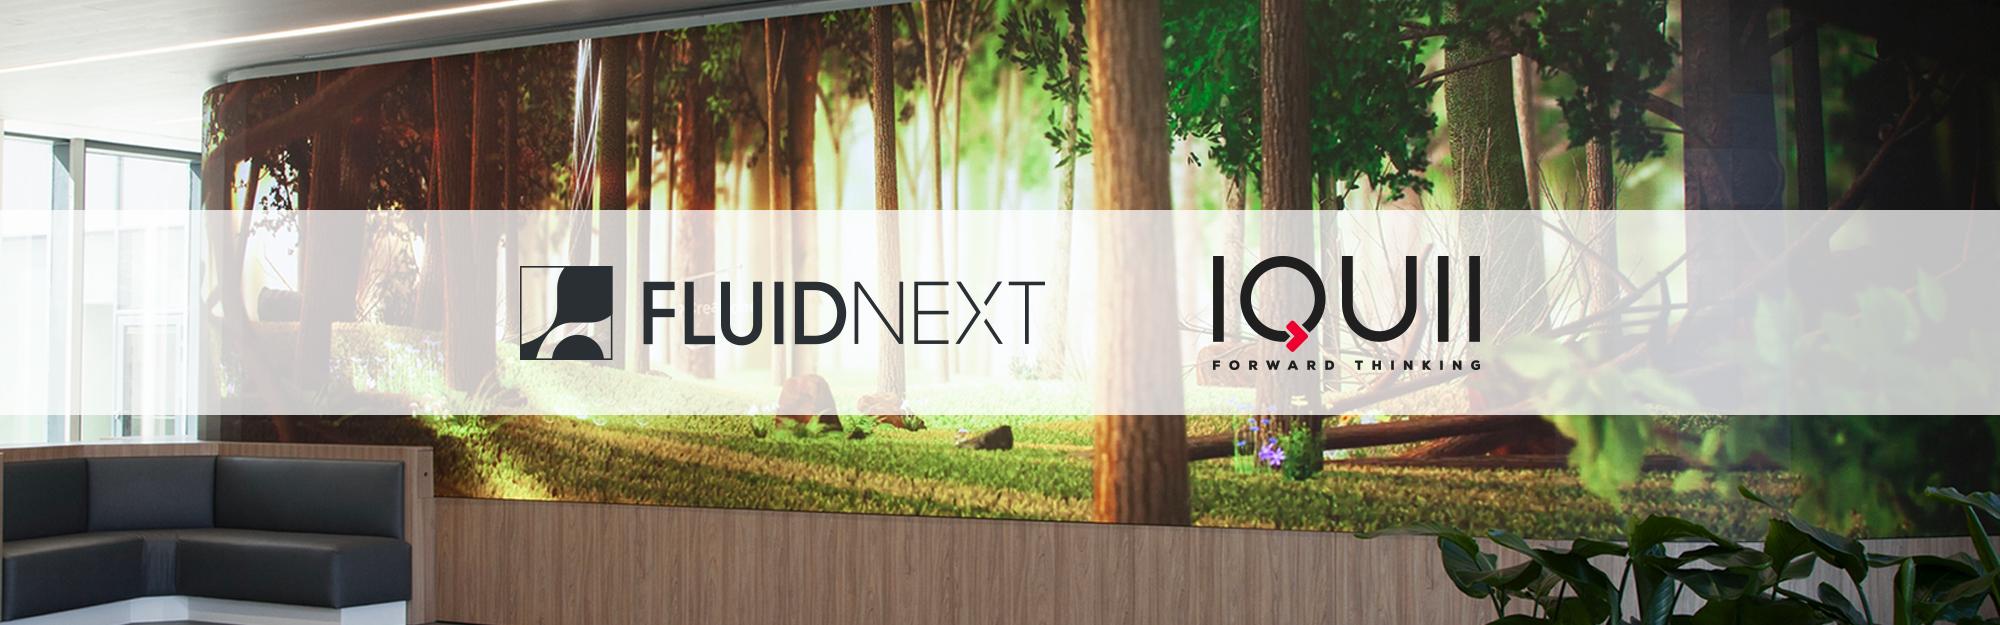 Fluid Next e IQUII siglano l'accordo: insieme per lo sviluppo di strategie integrate nelle industry Finance, Sport e Retail, tra fisico e digitale